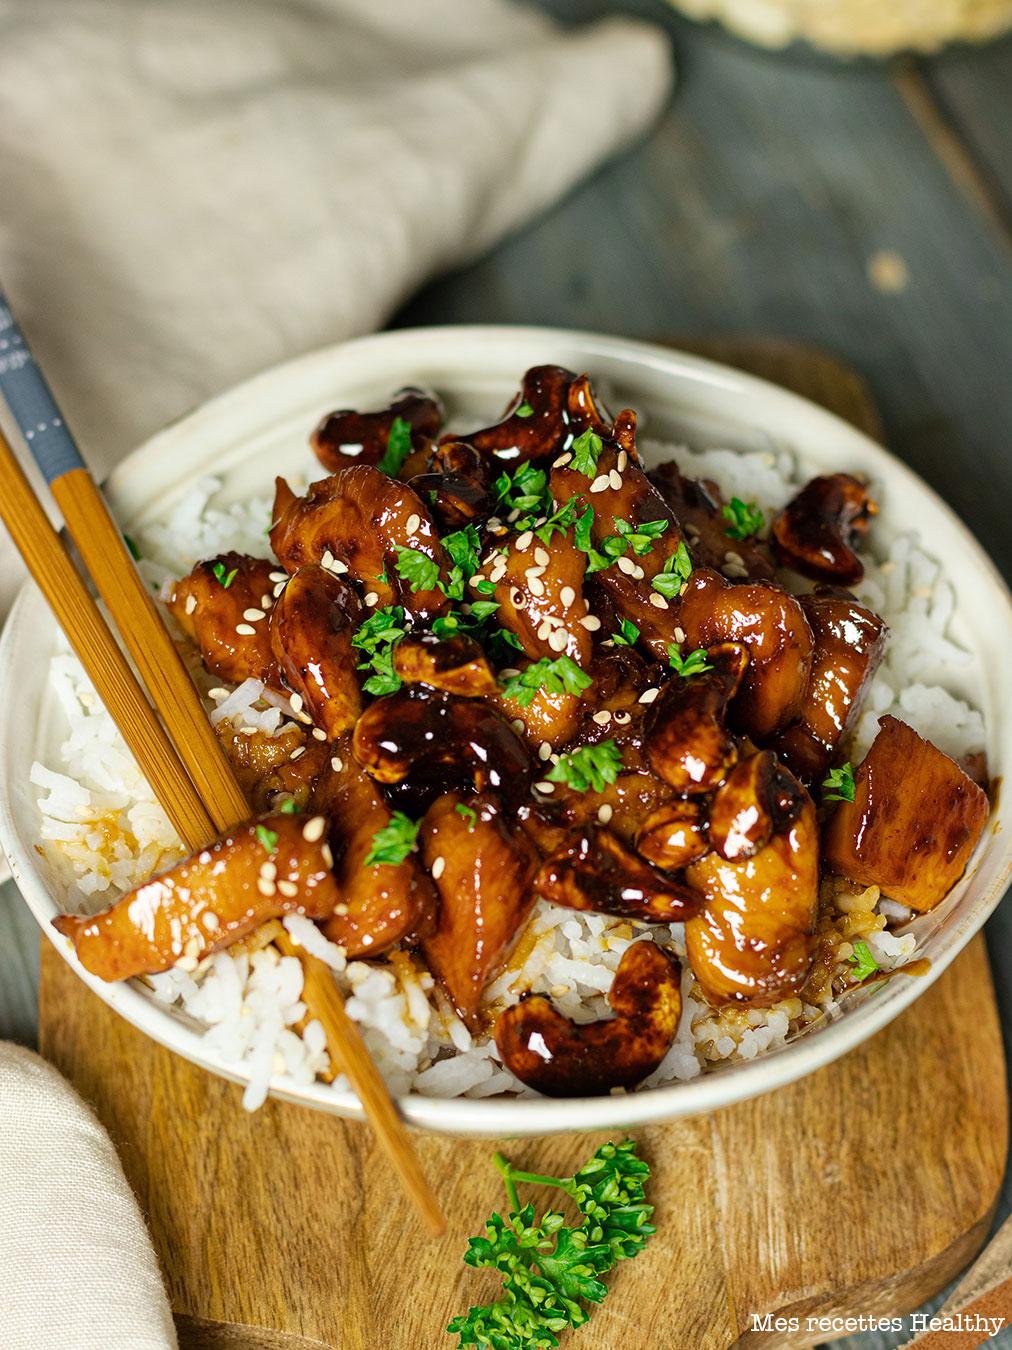 recette healthy-poulet laqué au soja-poulet caramel-poulet miel